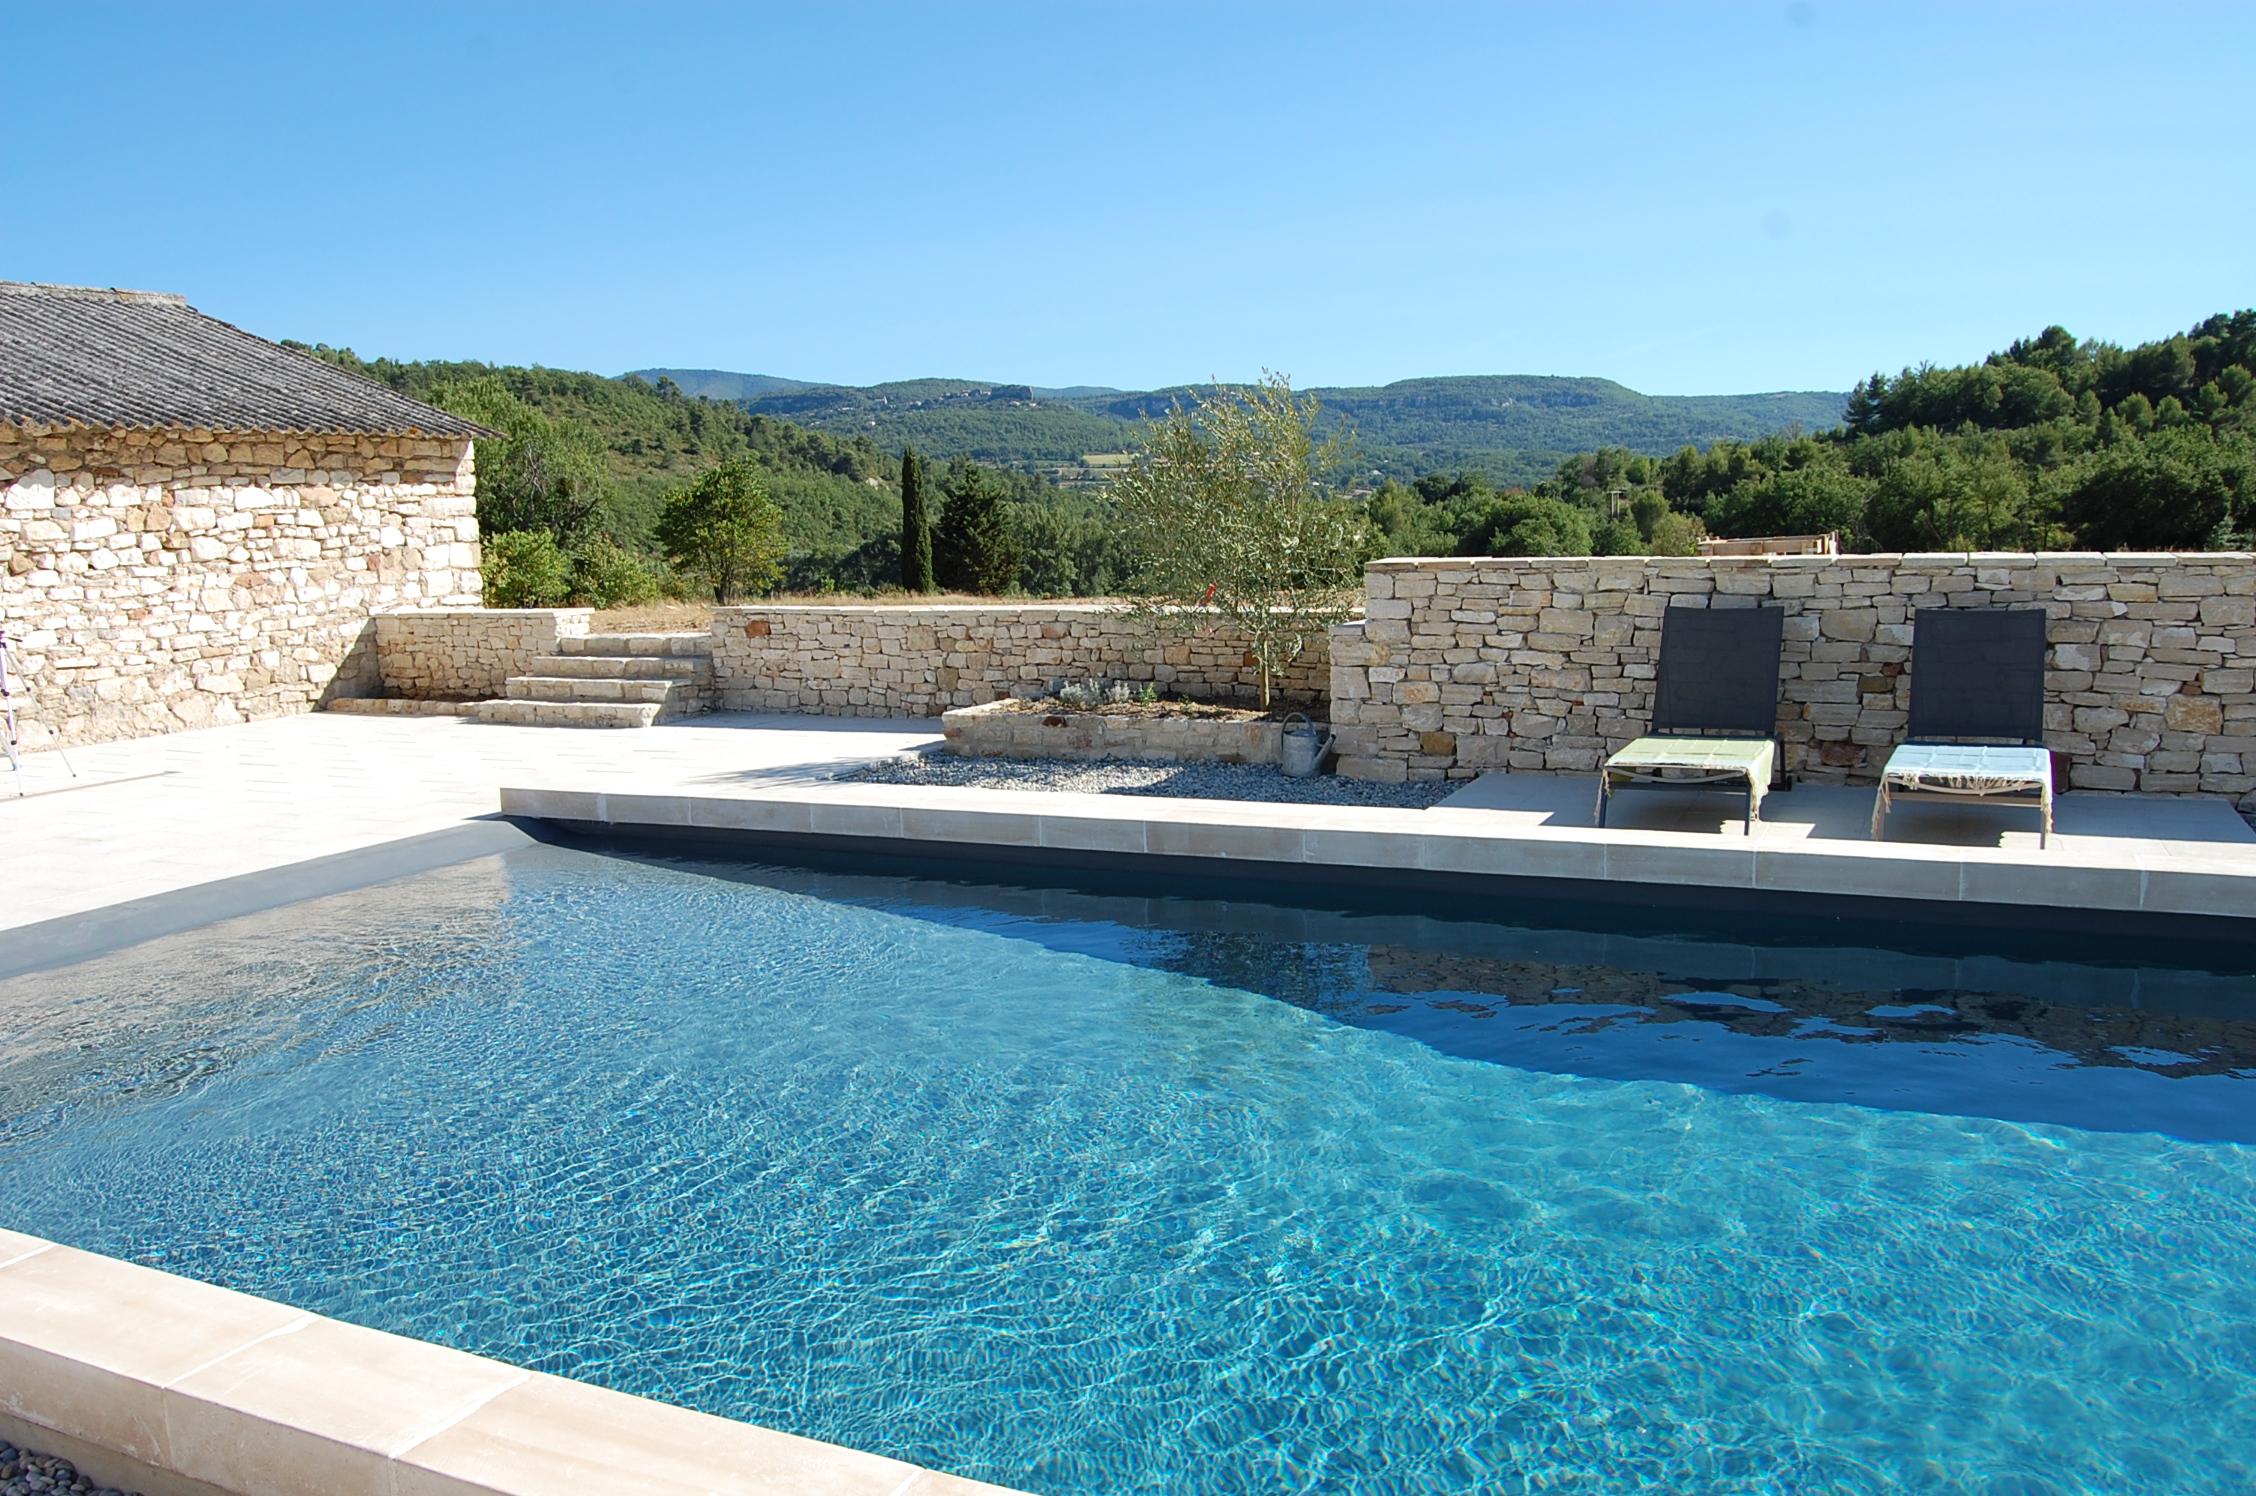 Autour de la piscine piscine plage le blog for Alentour piscine